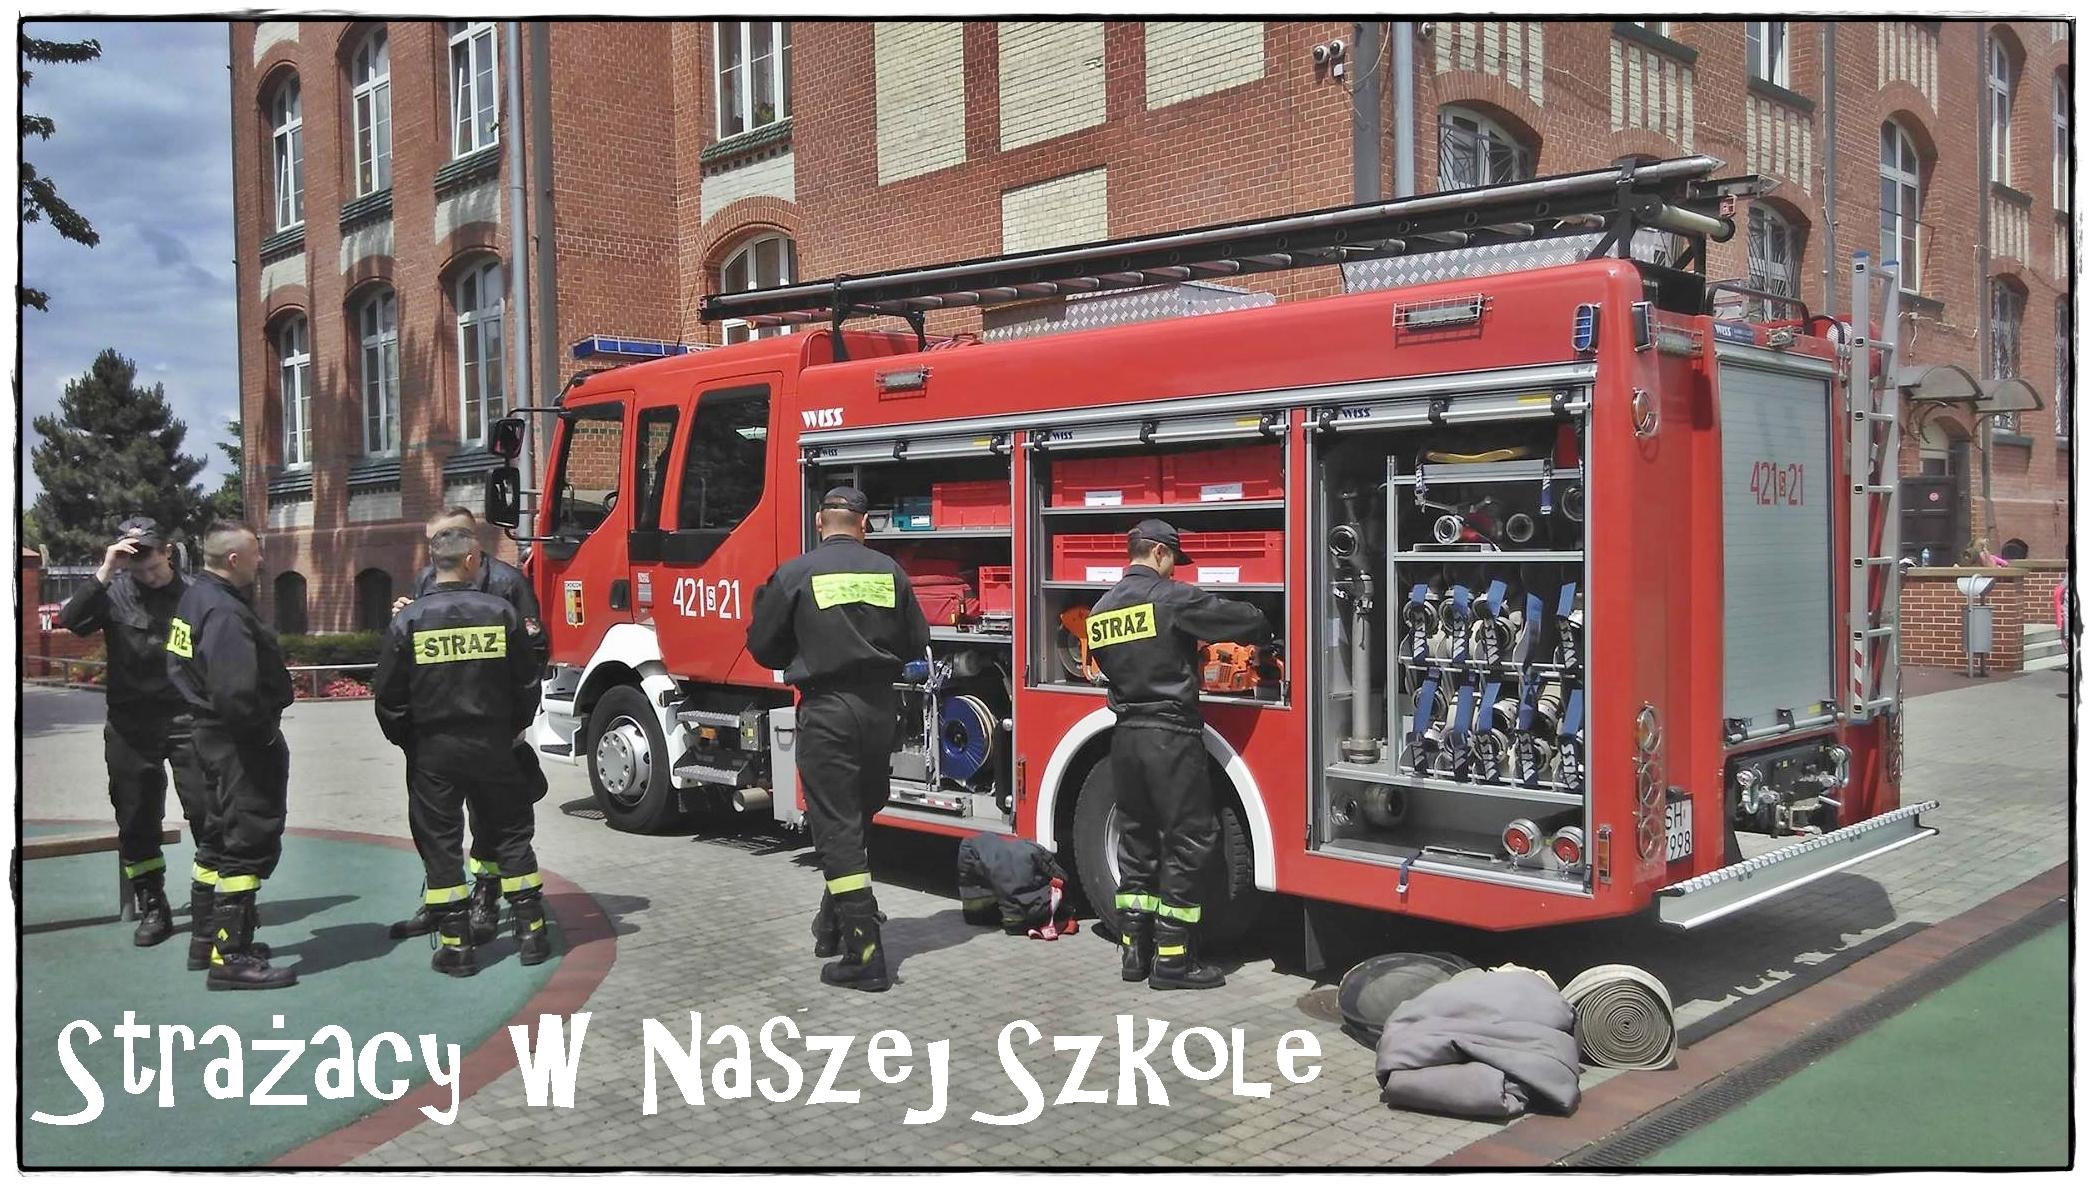 Strażacy wNaszej Szkole